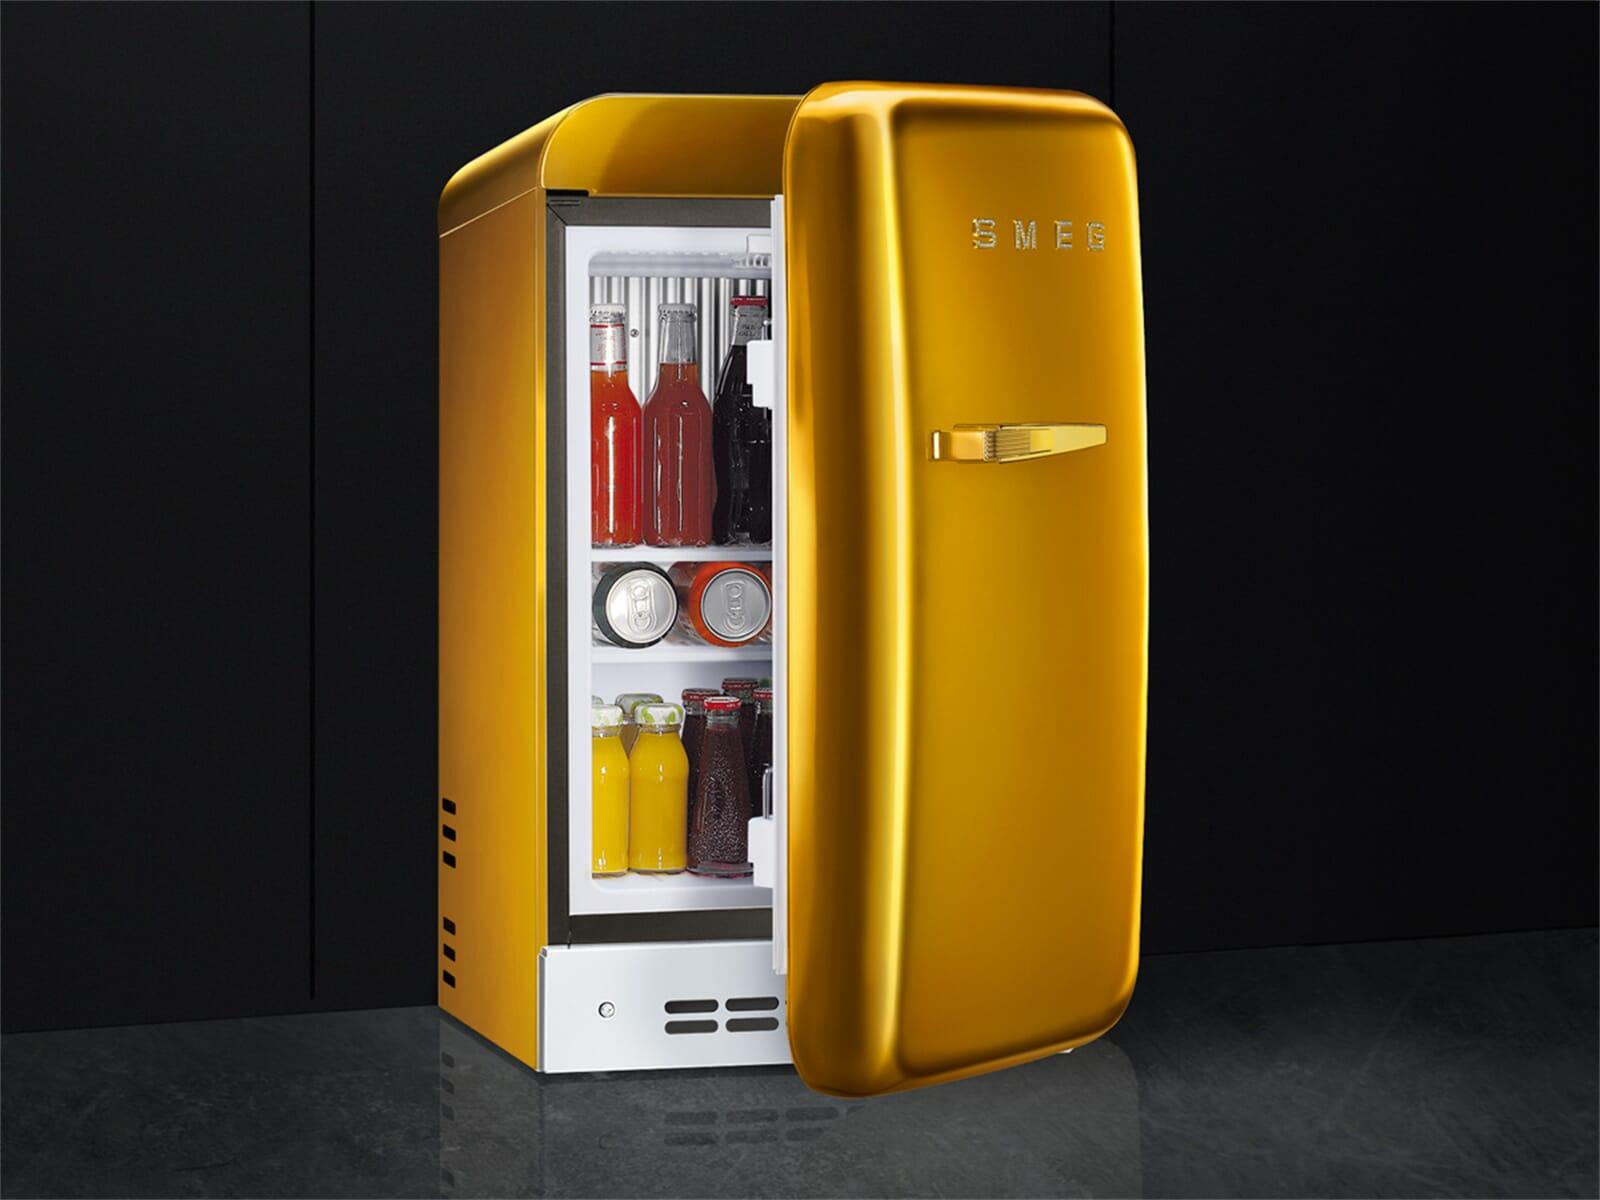 Smeg Kühlschrank Schwarz : Smeg fab rgo stand flaschenkühlschrank gold swarowski